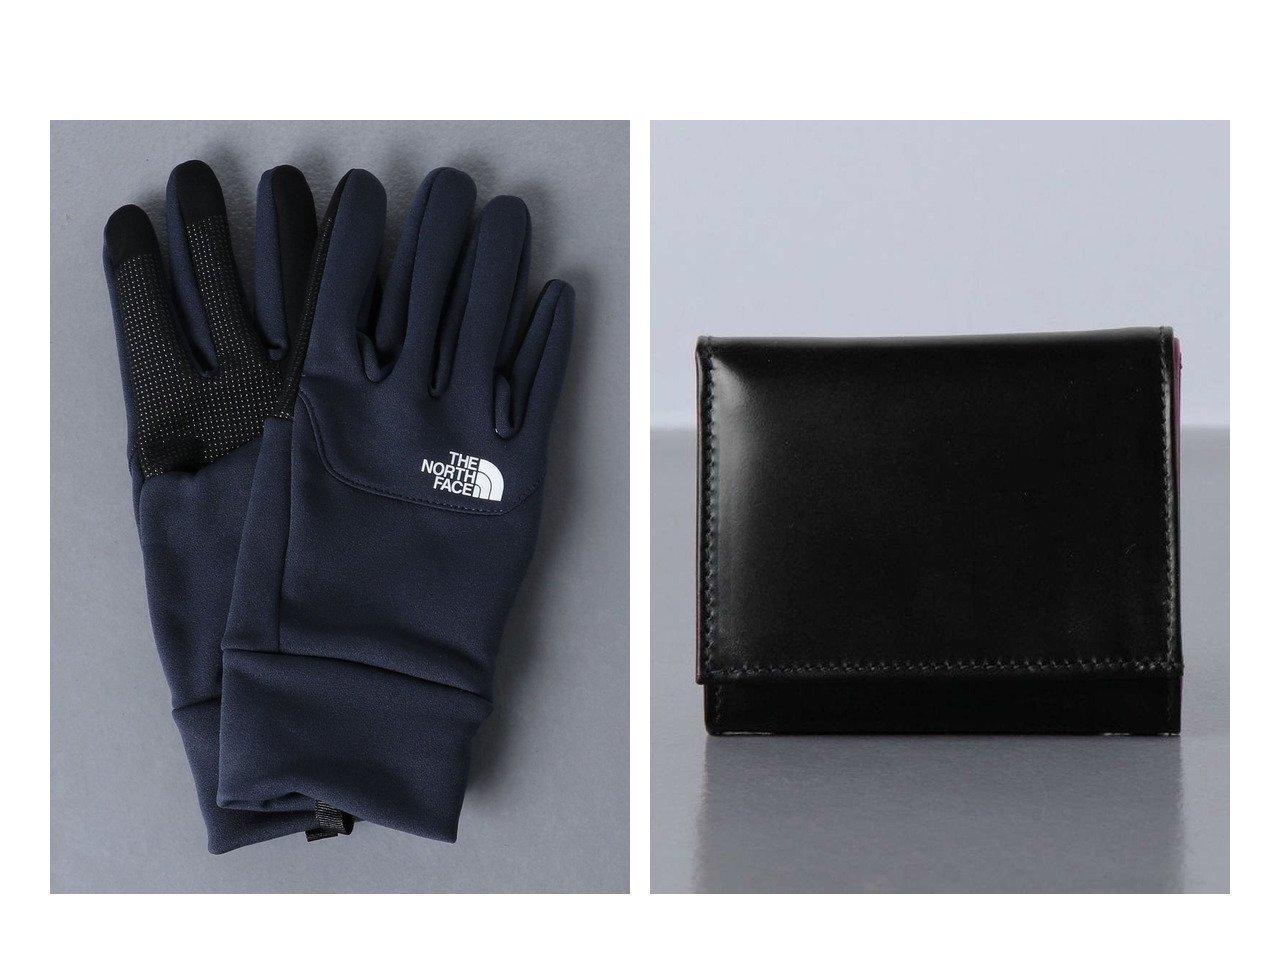 【UNITED ARROWS / MEN/ユナイテッドアローズ】のWhitehouseCox(ホワイトハウスコックス) S-11212トーンウォレット&⇔ THE NORTH FACE(ザ・ノースフェイス) Etip Glove 【MEN】男性のおすすめ!人気トレンド・メンズファッションの通販 おすすめで人気の流行・トレンド、ファッションの通販商品 メンズファッション・キッズファッション・インテリア・家具・レディースファッション・服の通販 founy(ファニー) https://founy.com/ ファッション Fashion メンズファッション MEN アウトドア コンパクト シンプル ポケット 財布  ID:crp329100000013224